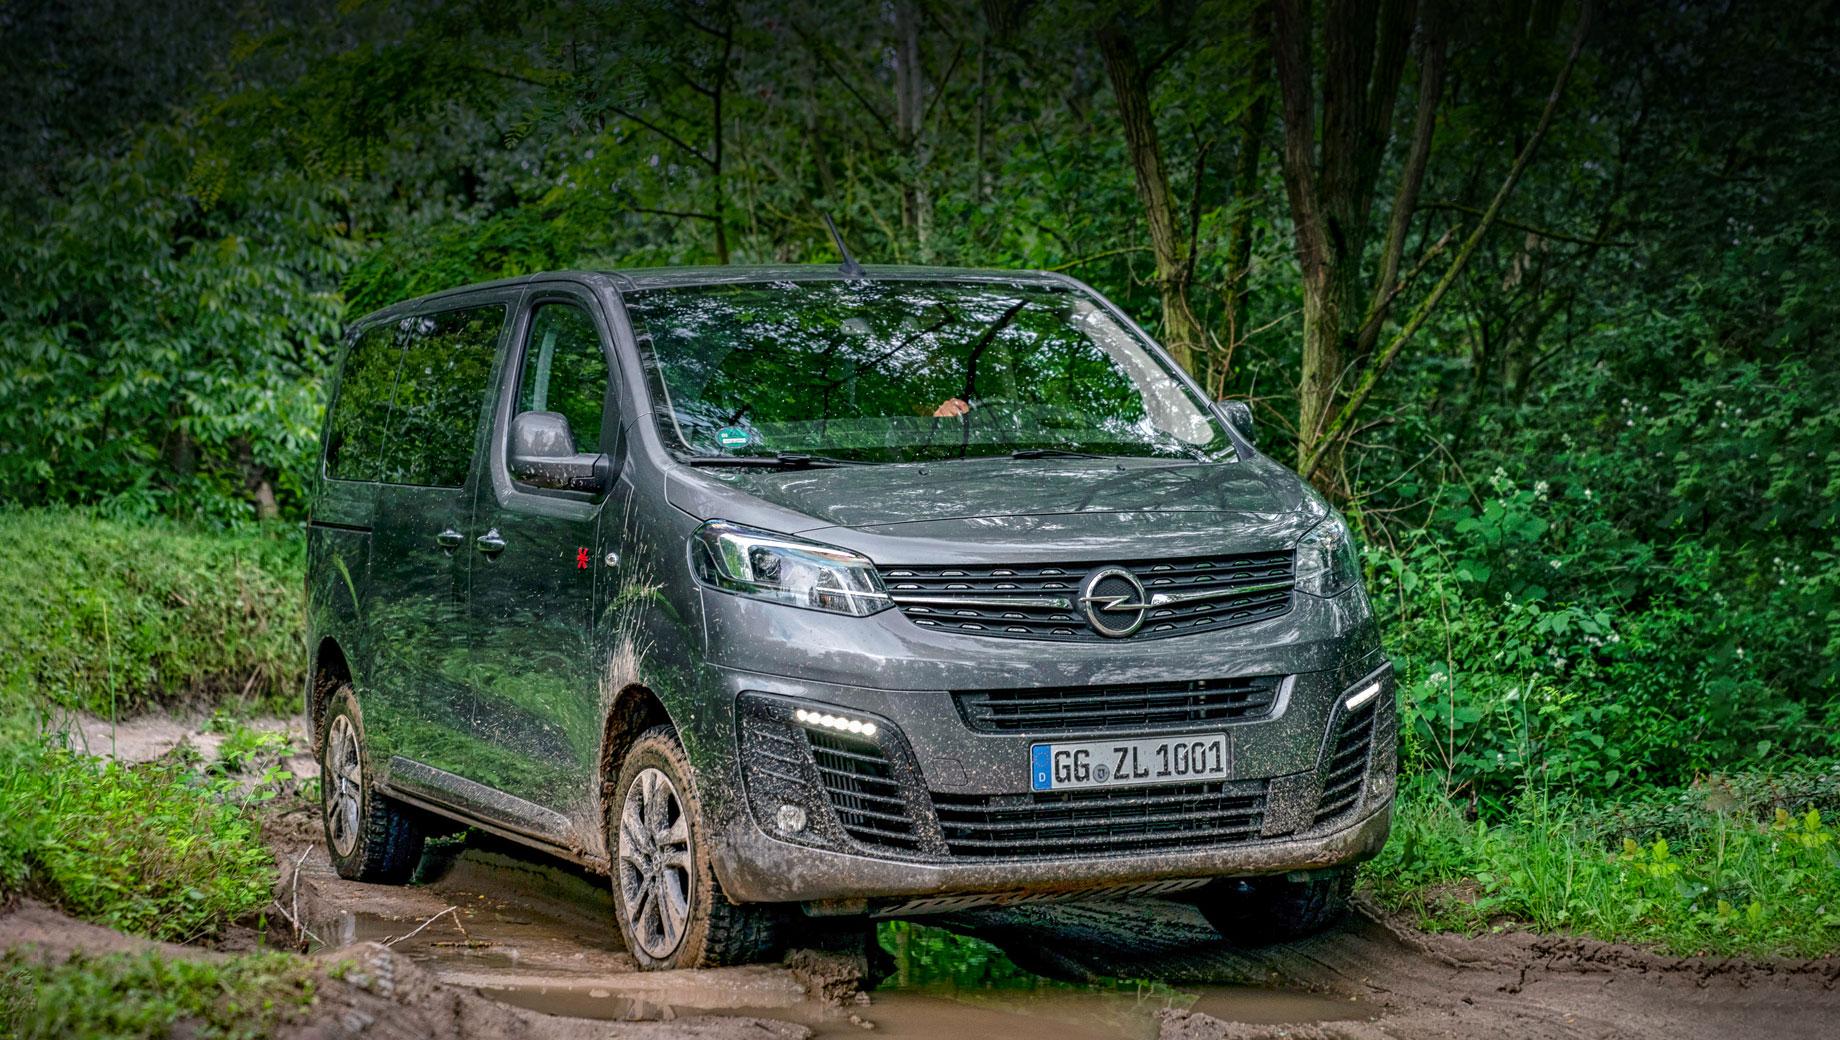 Opel zafira life,Opel vivaro. Внешне полноприводная Zafira Life, родившаяся в 2019-м, отличается от обычной (ценой 2 889 900–3 389 900 рублей) только клиренсом, который увеличен до 200 мм (+25). Также смонтирована металлическая защита картера, топливного бака и системы полного привода от французской фирмы Dangel.